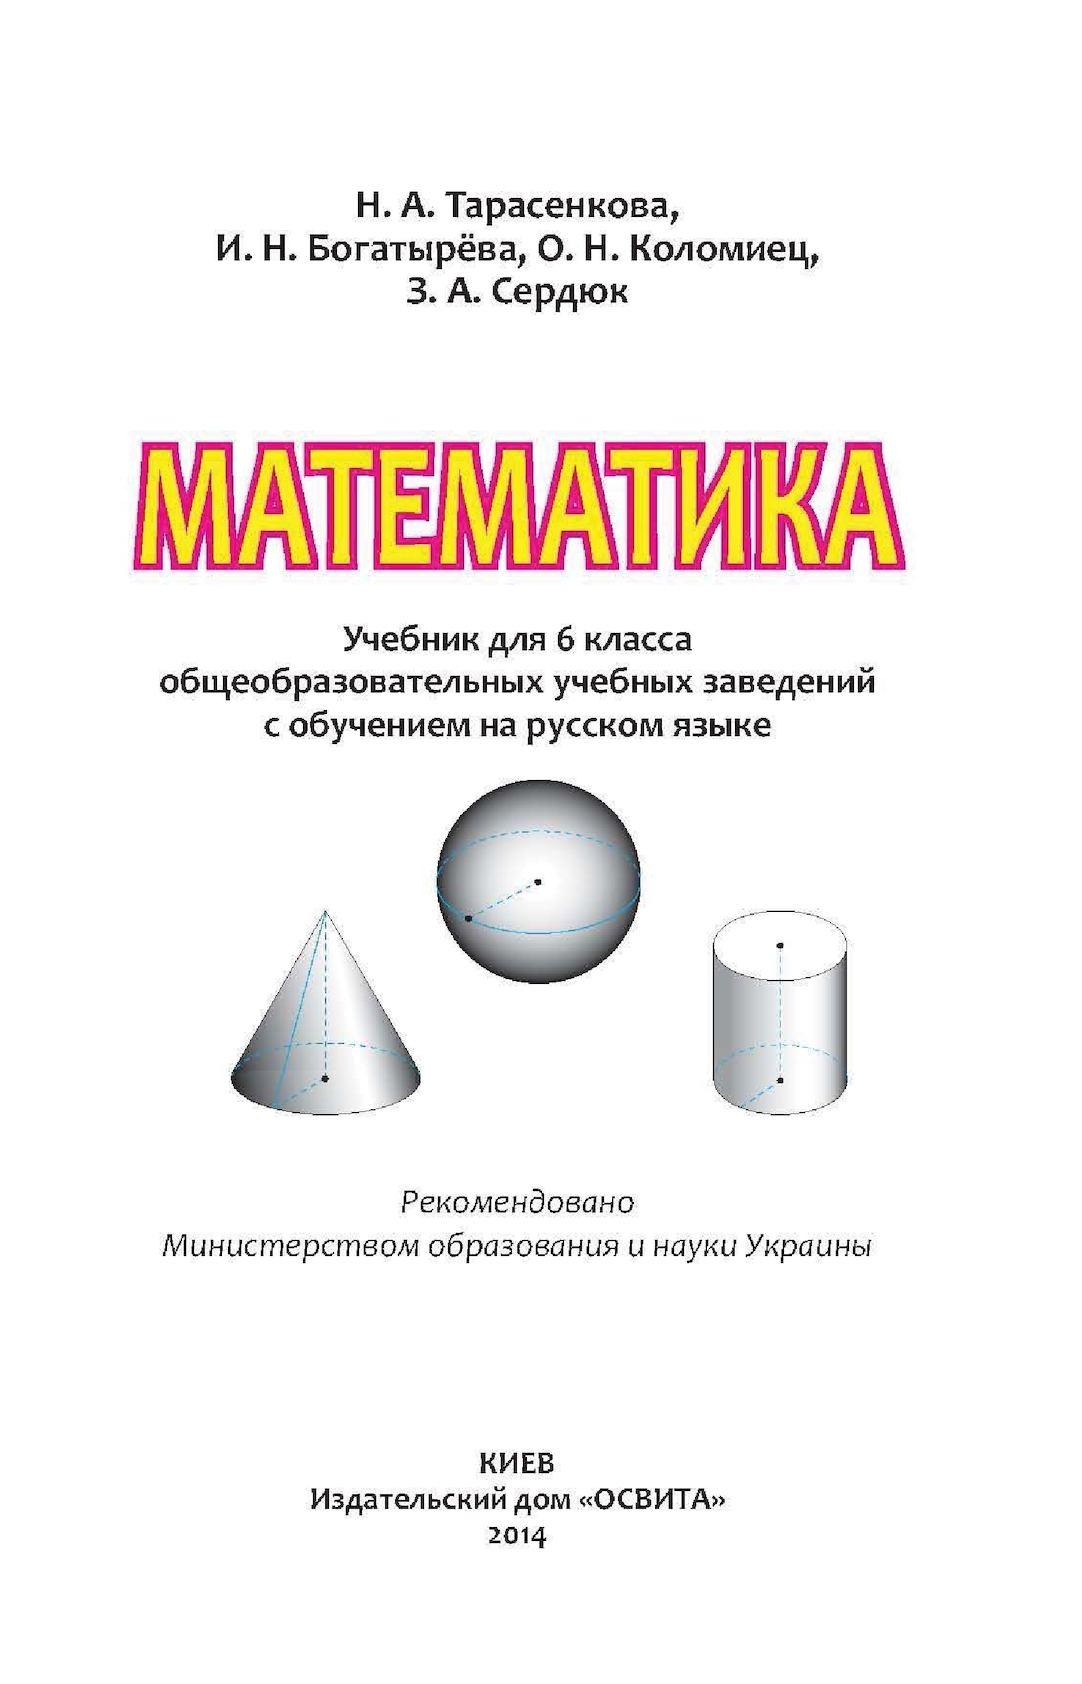 решебник по математике н.а.тарасенкова о.н коломиец